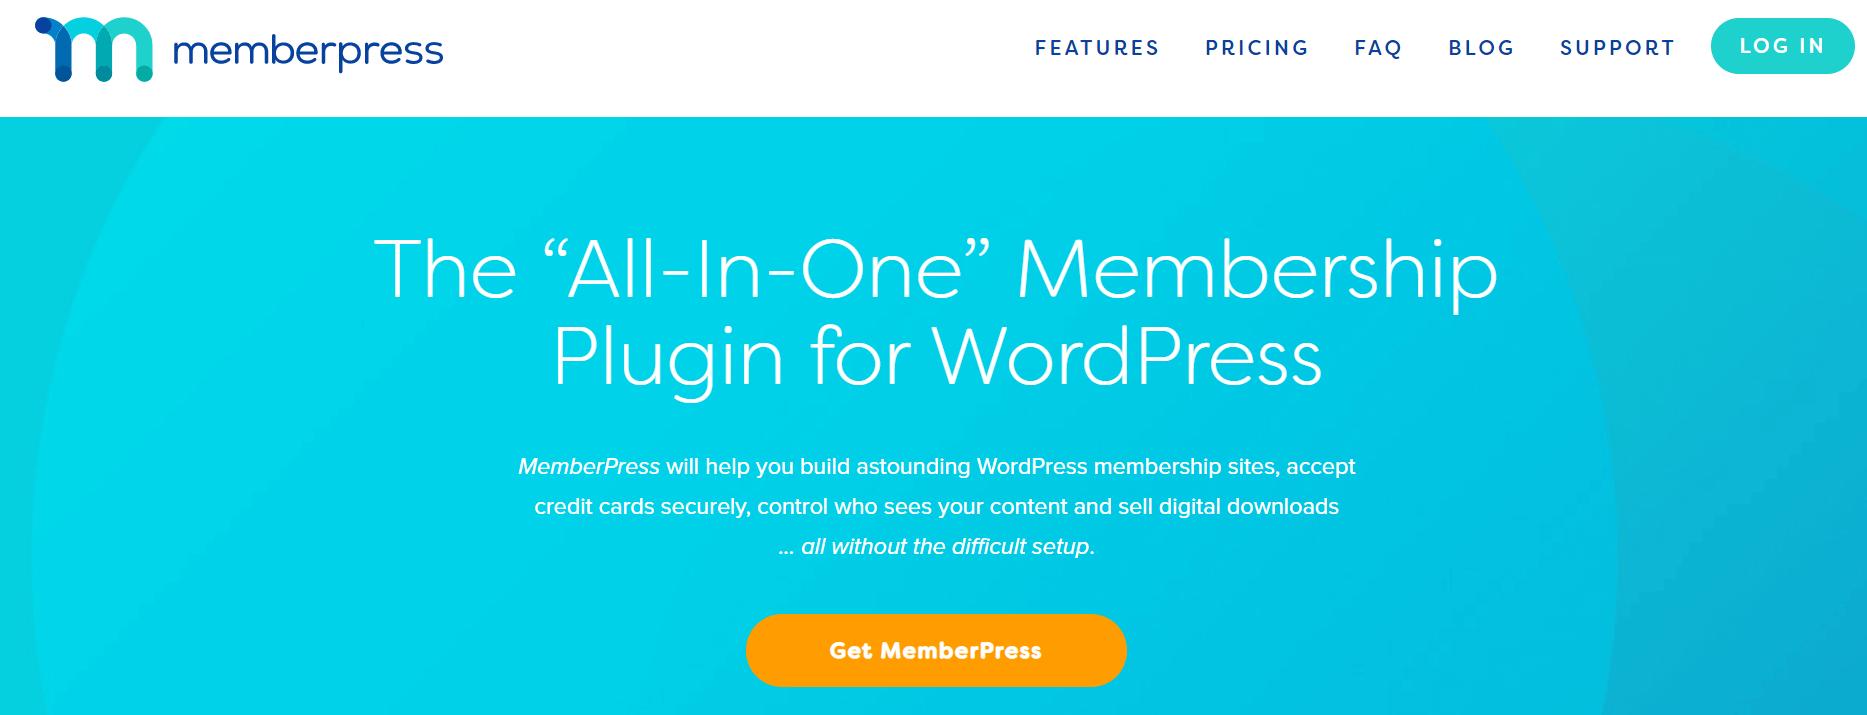 A screenshot showing a part of LearnPress's website.